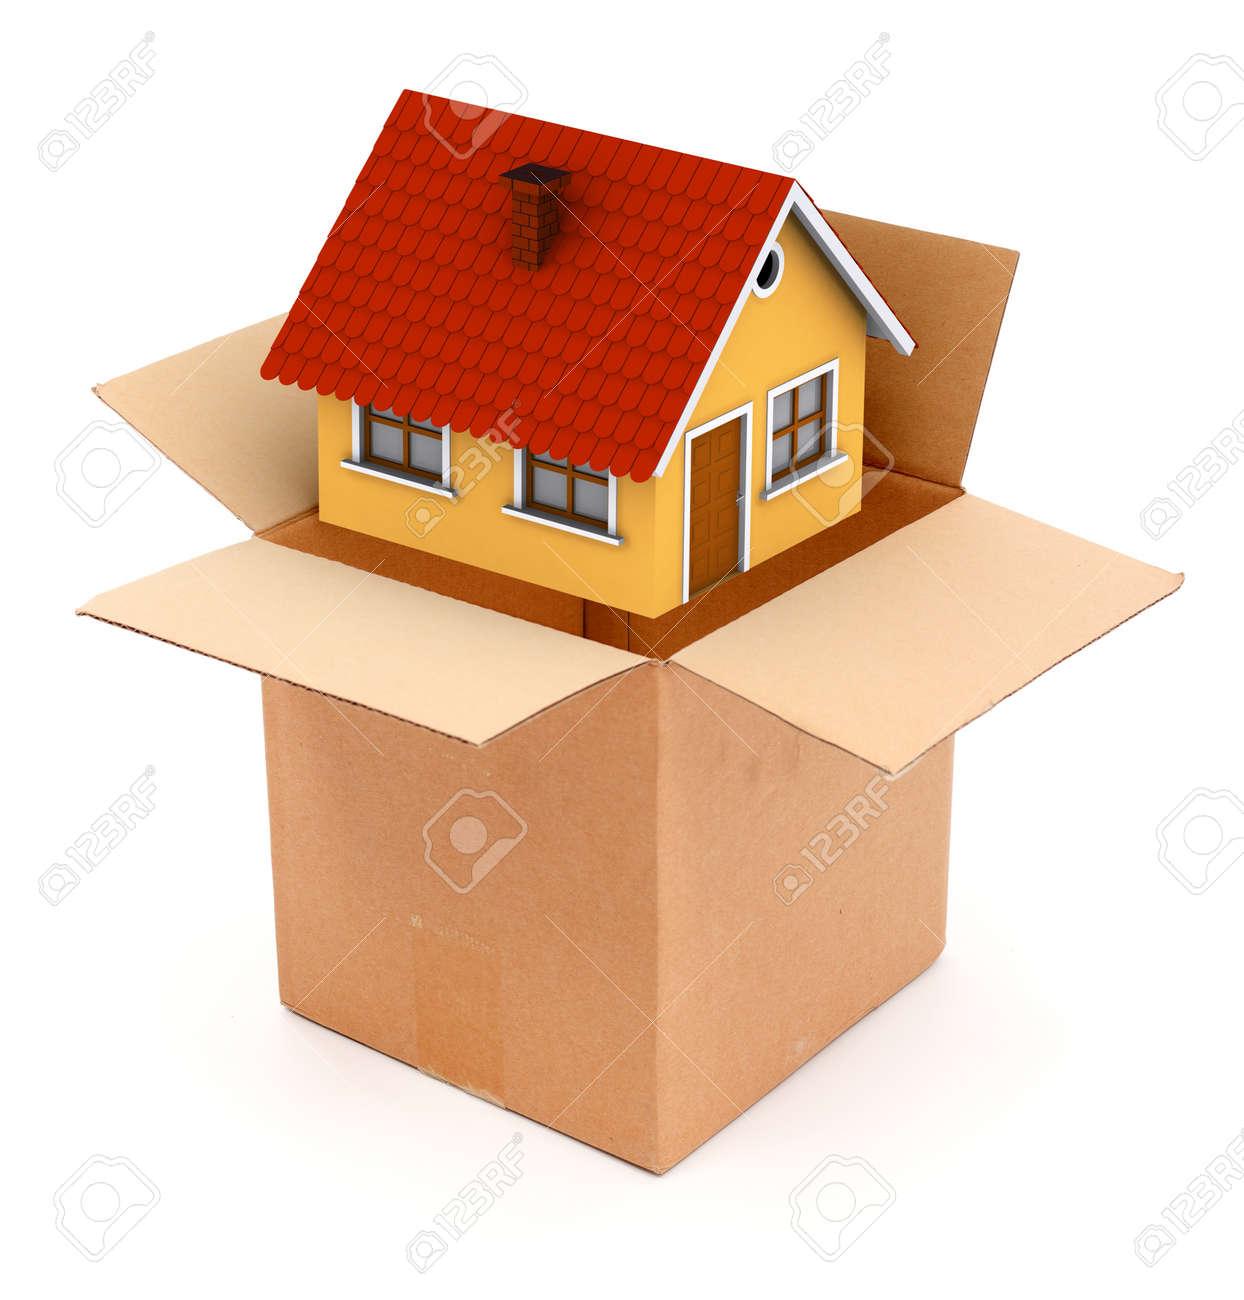 Embalaje O Desempaquetar Una Pequeña Casa En Caja De Cartón. Vista ...